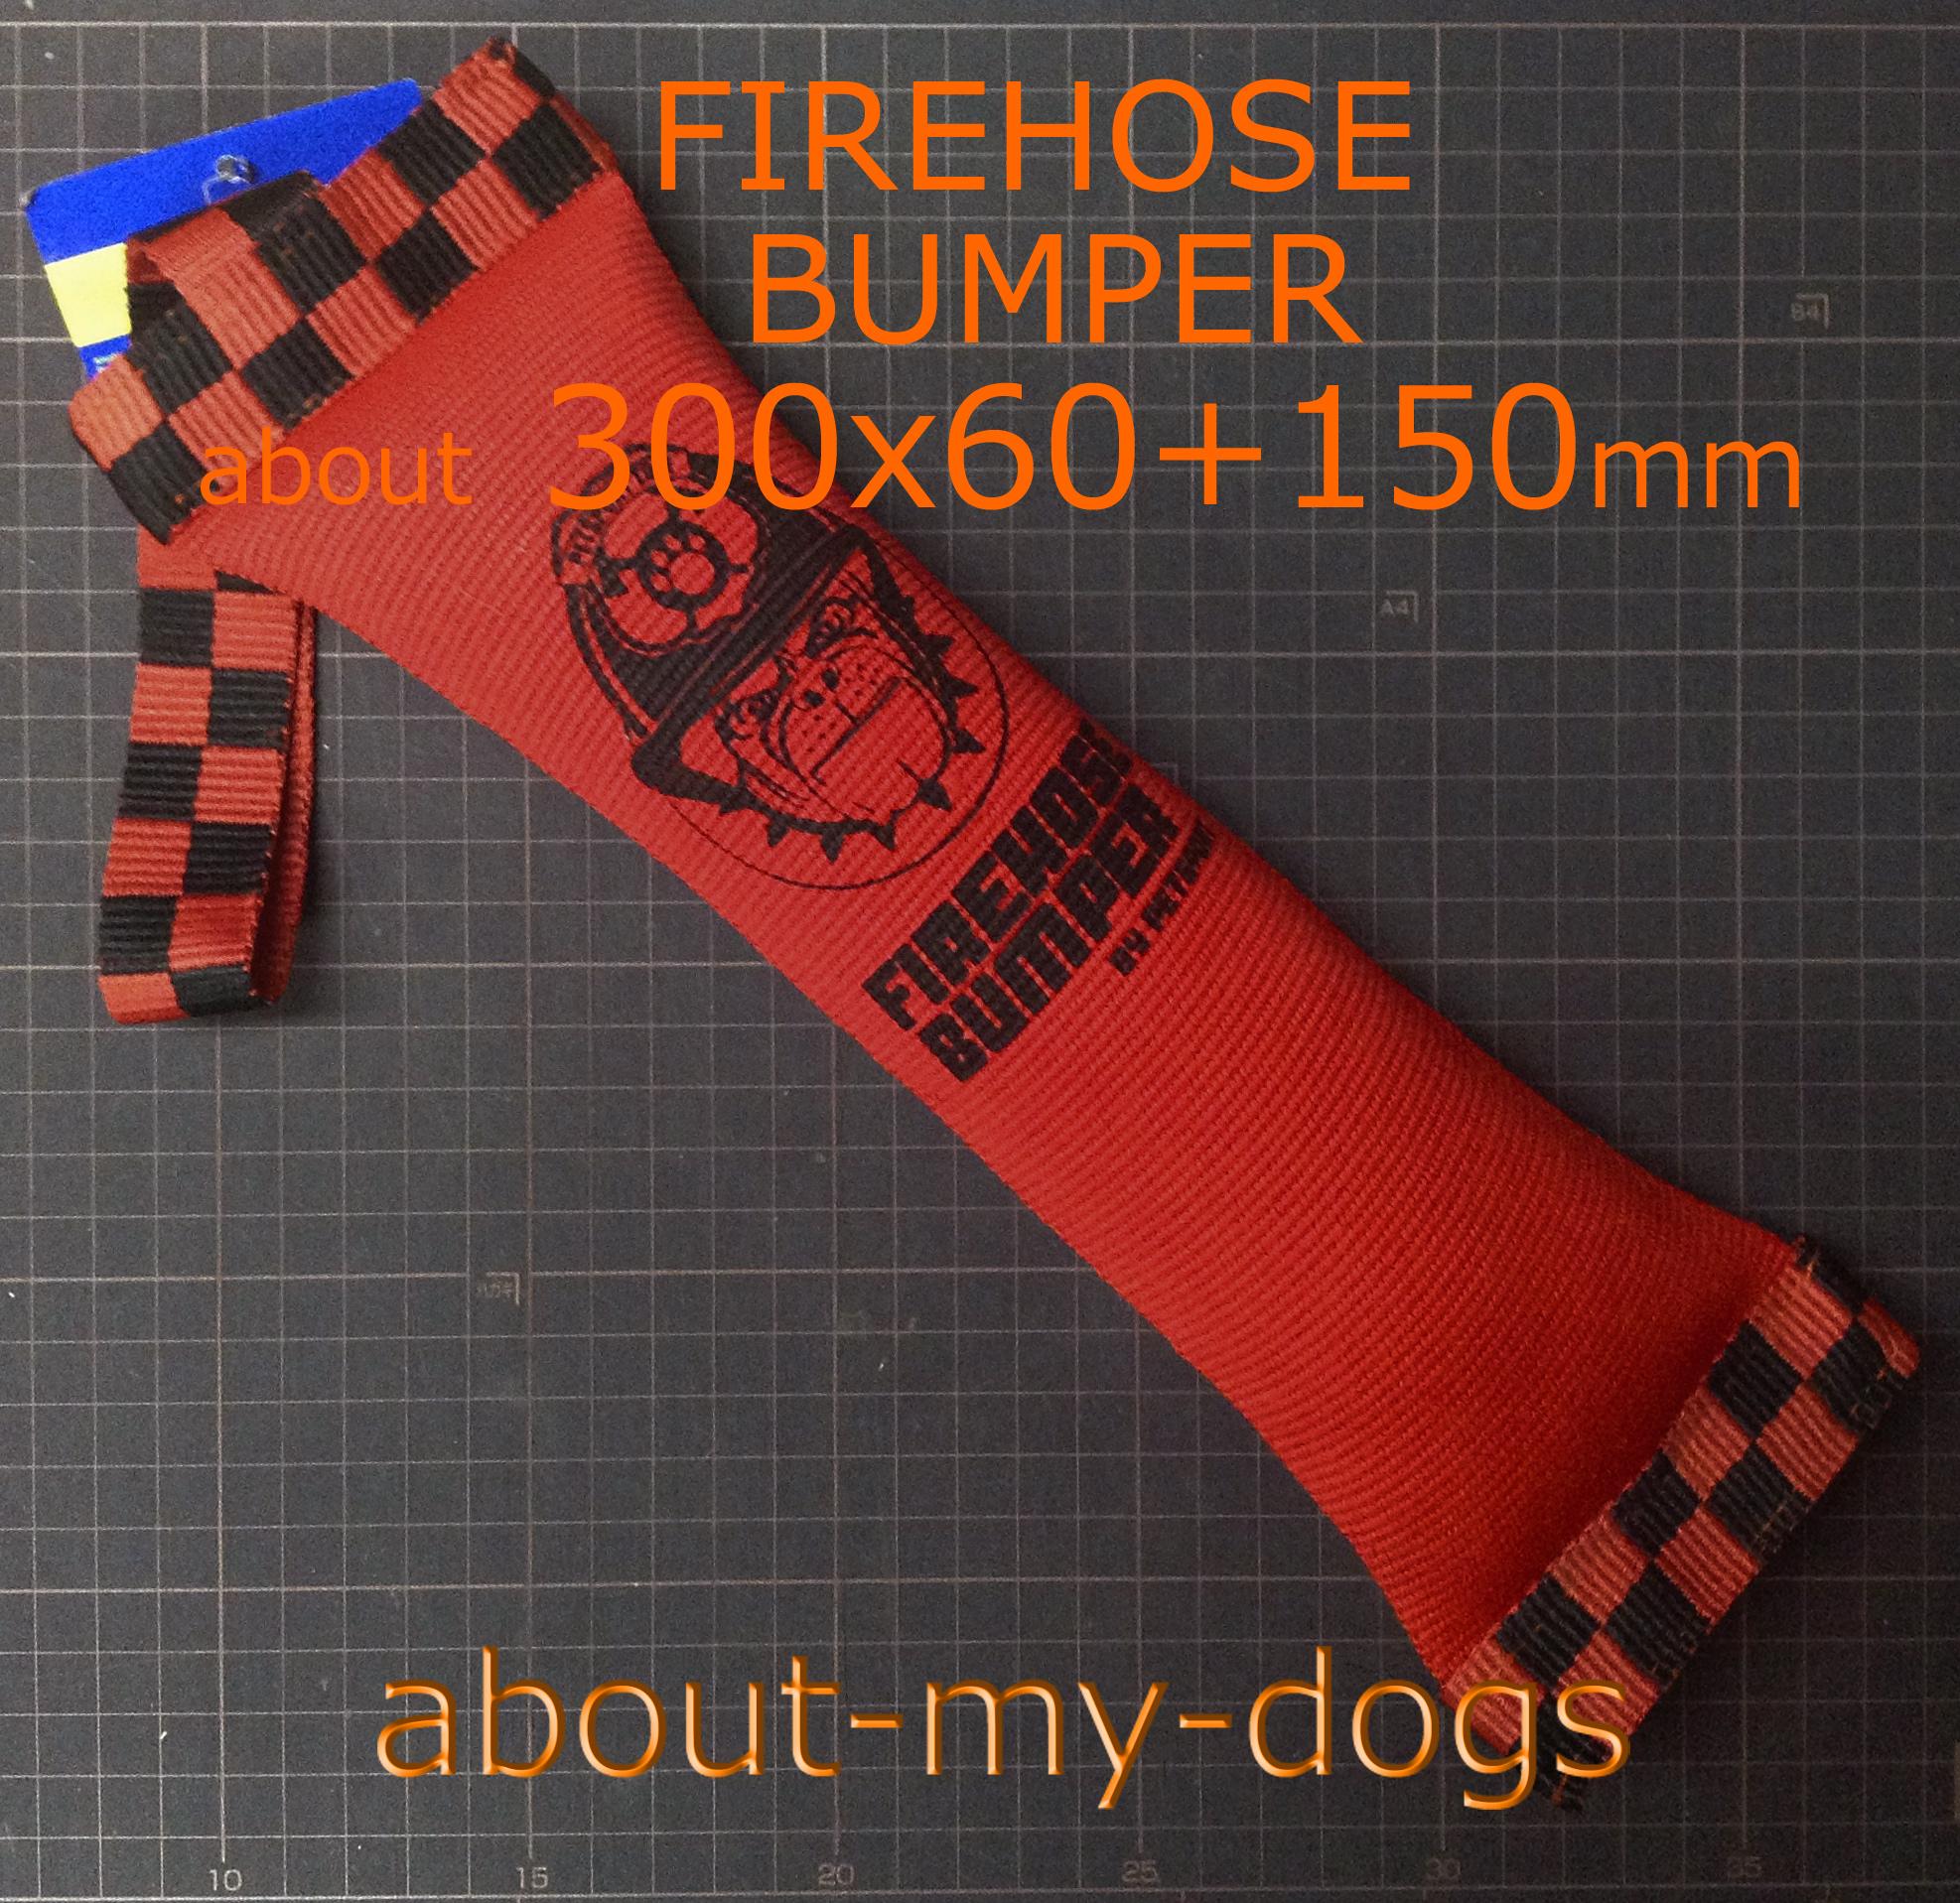 丈夫な消火ホース制タグ